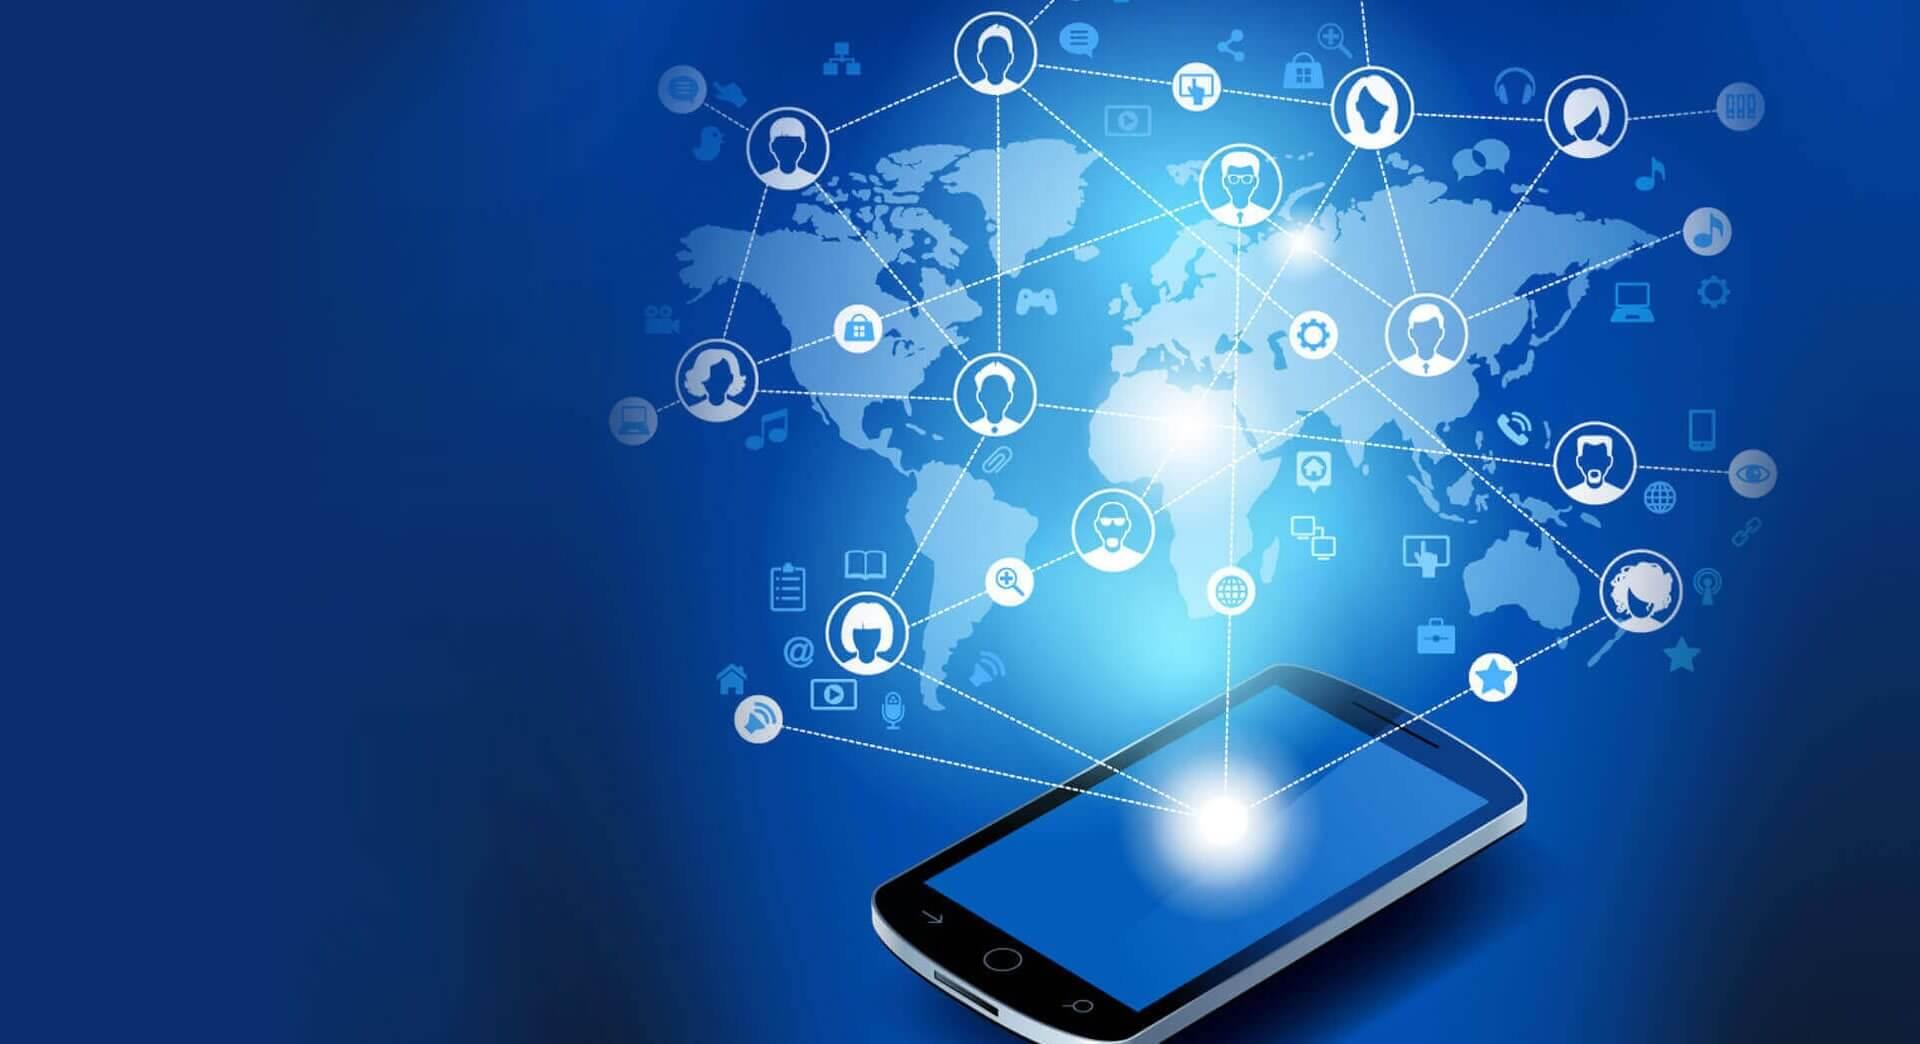 Digital transformation by